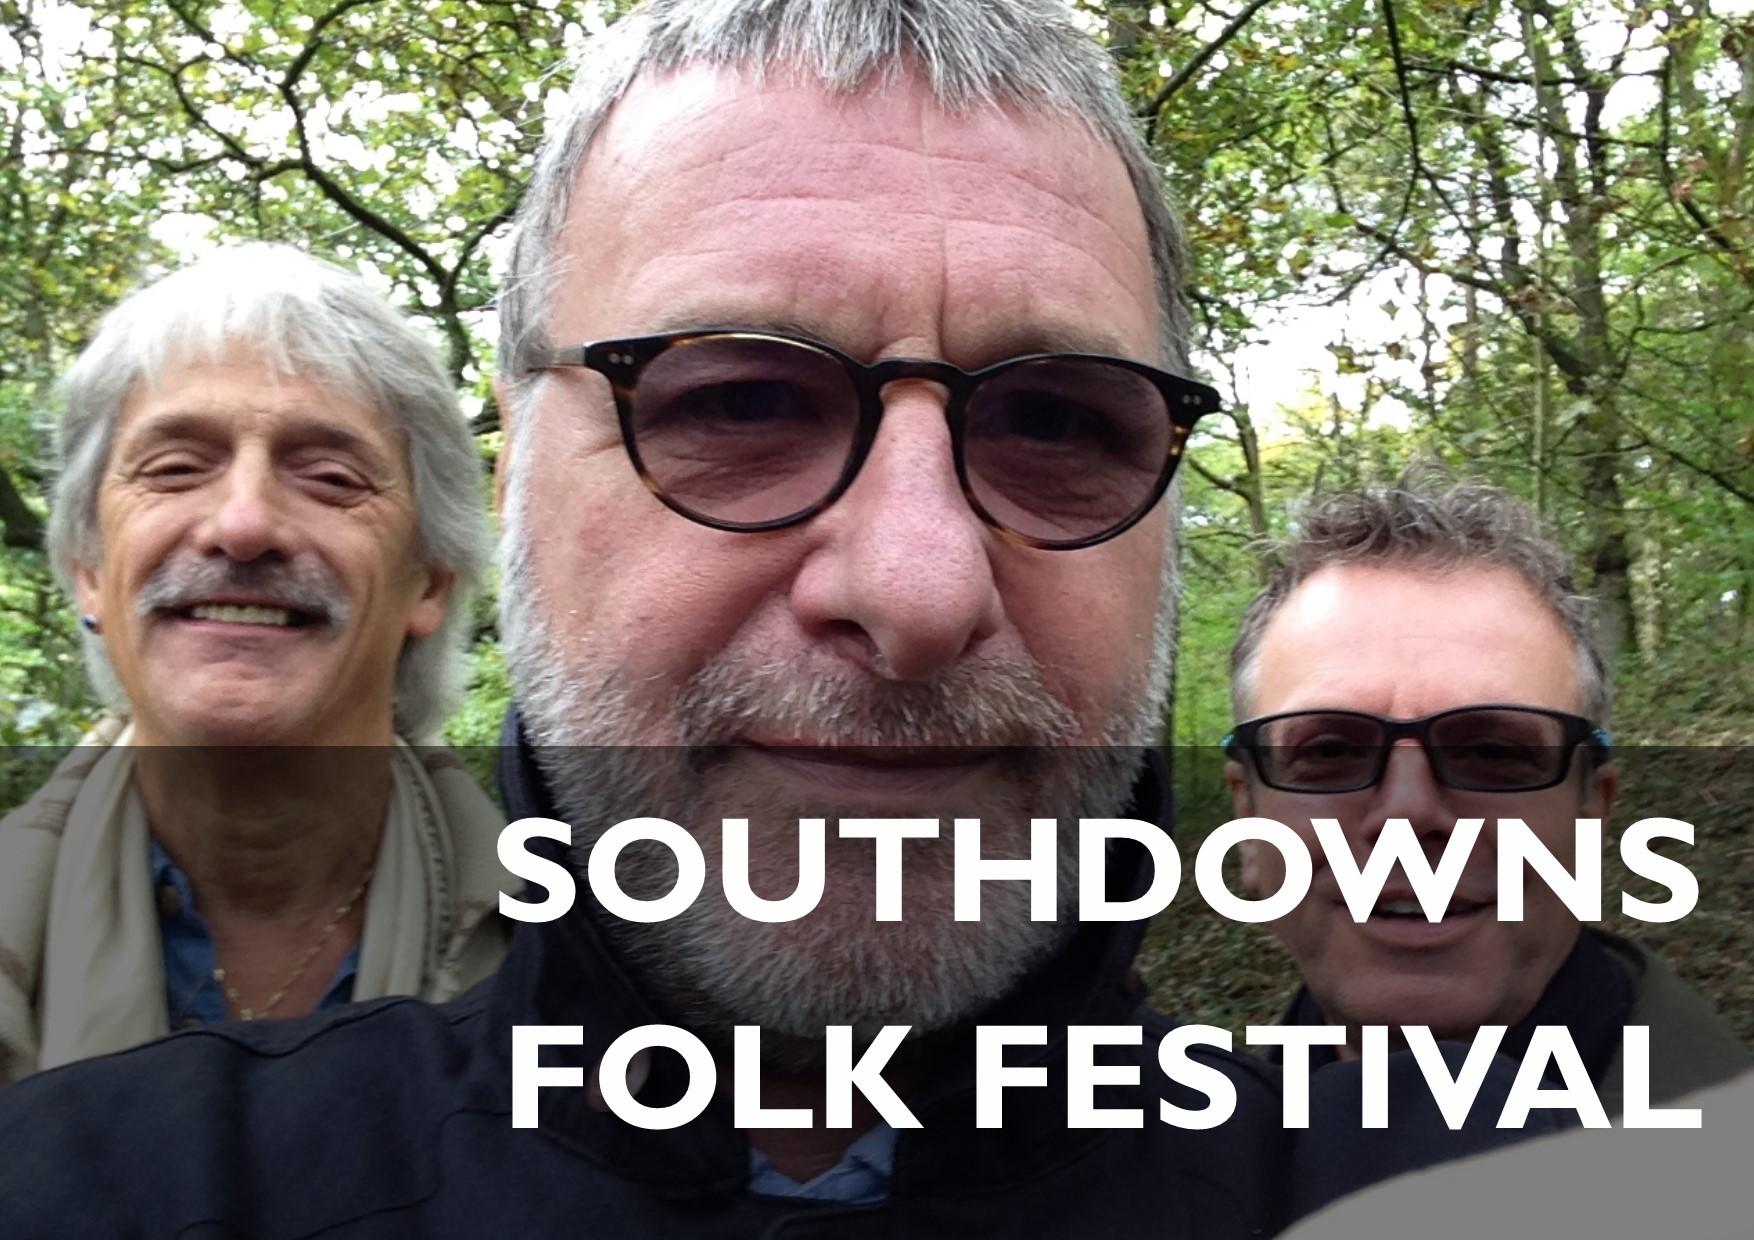 Southdowns Folk Festival